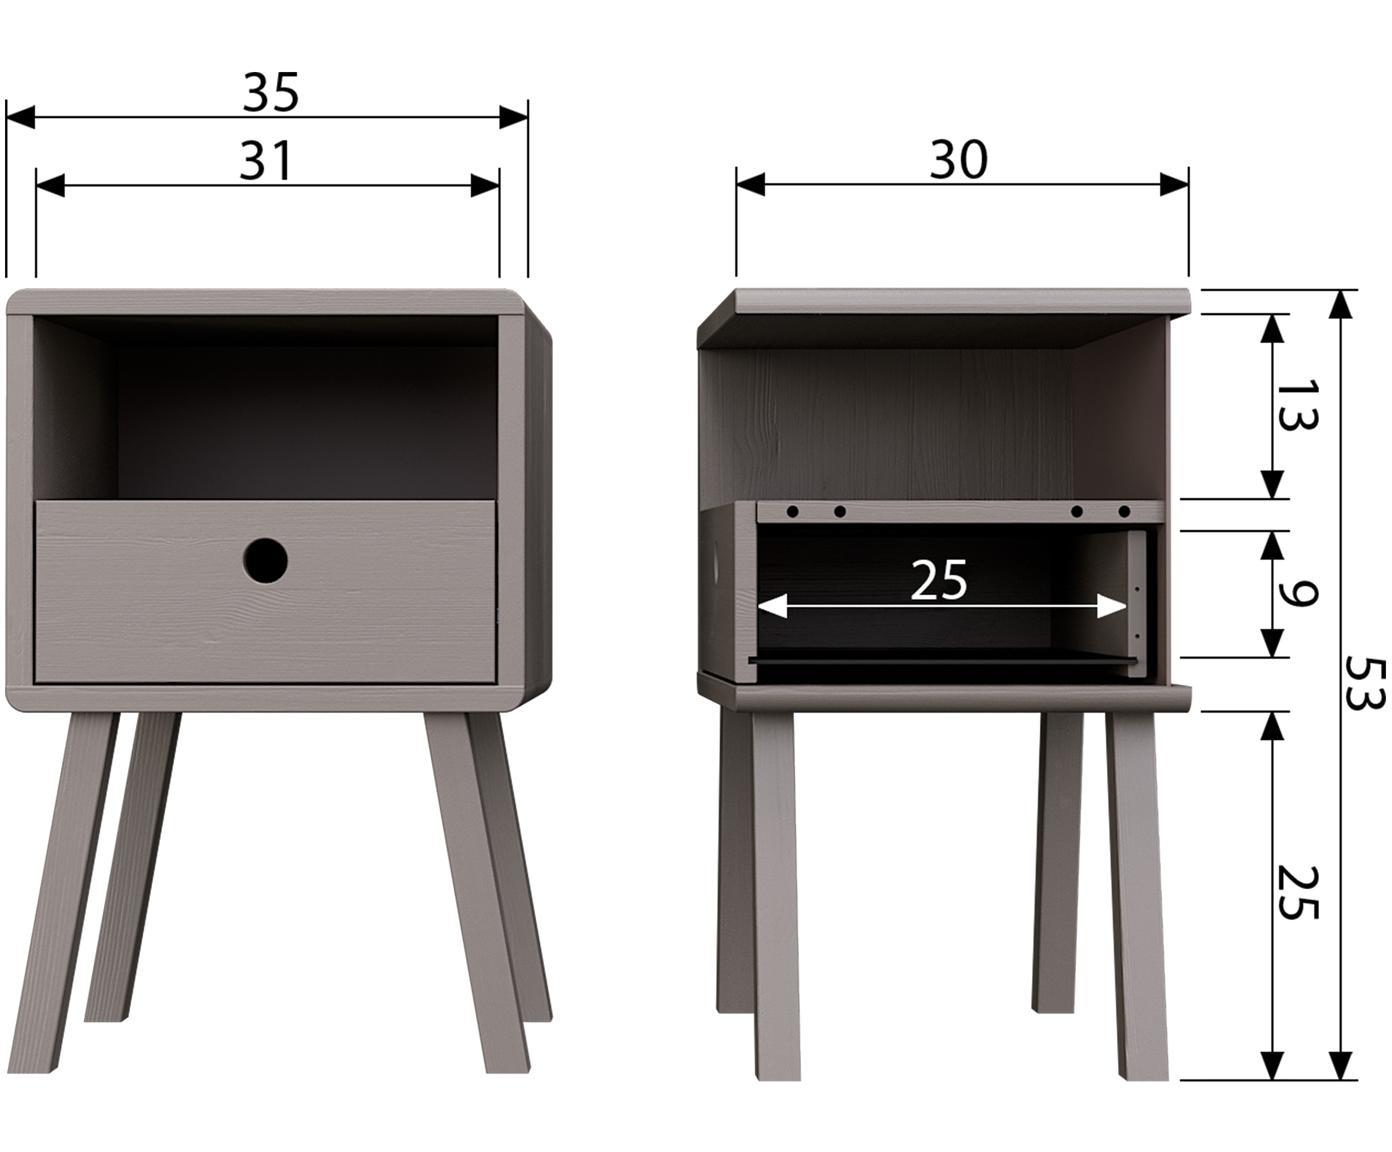 Nachttisch Sammie mit Schublade in Grau, Kiefernholz, gebürstet und lackiert, Hellgrau, 35 x 53 cm